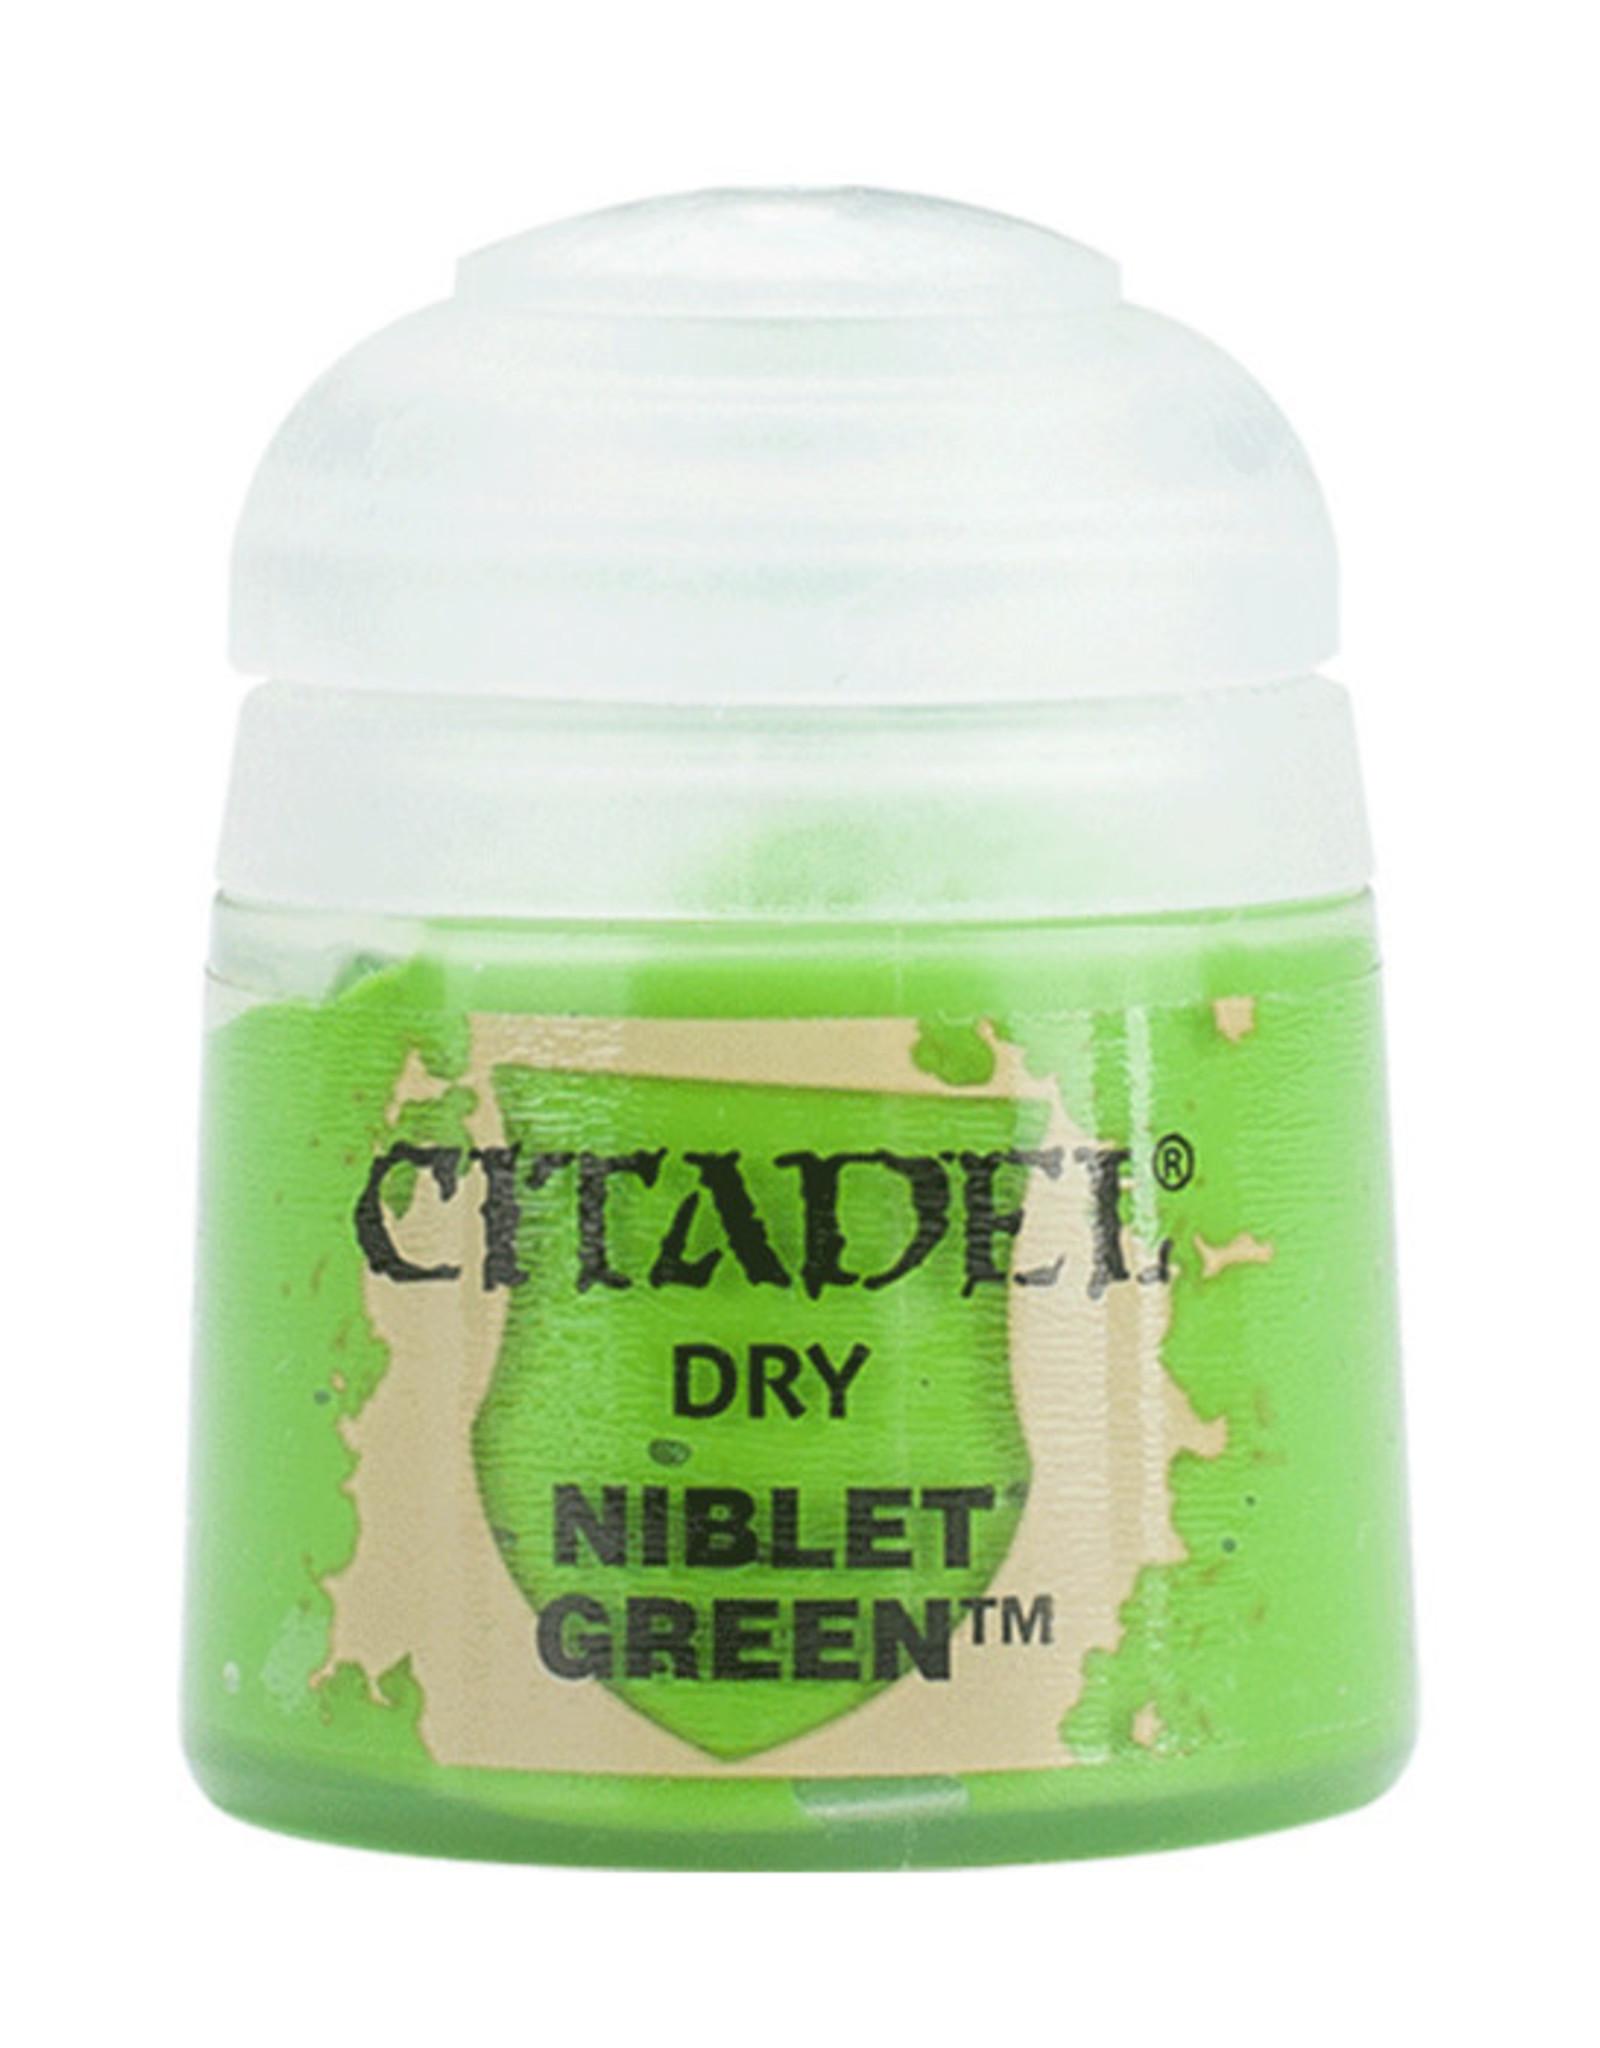 Citadel Citadel Colour: Dry - Niblet Green